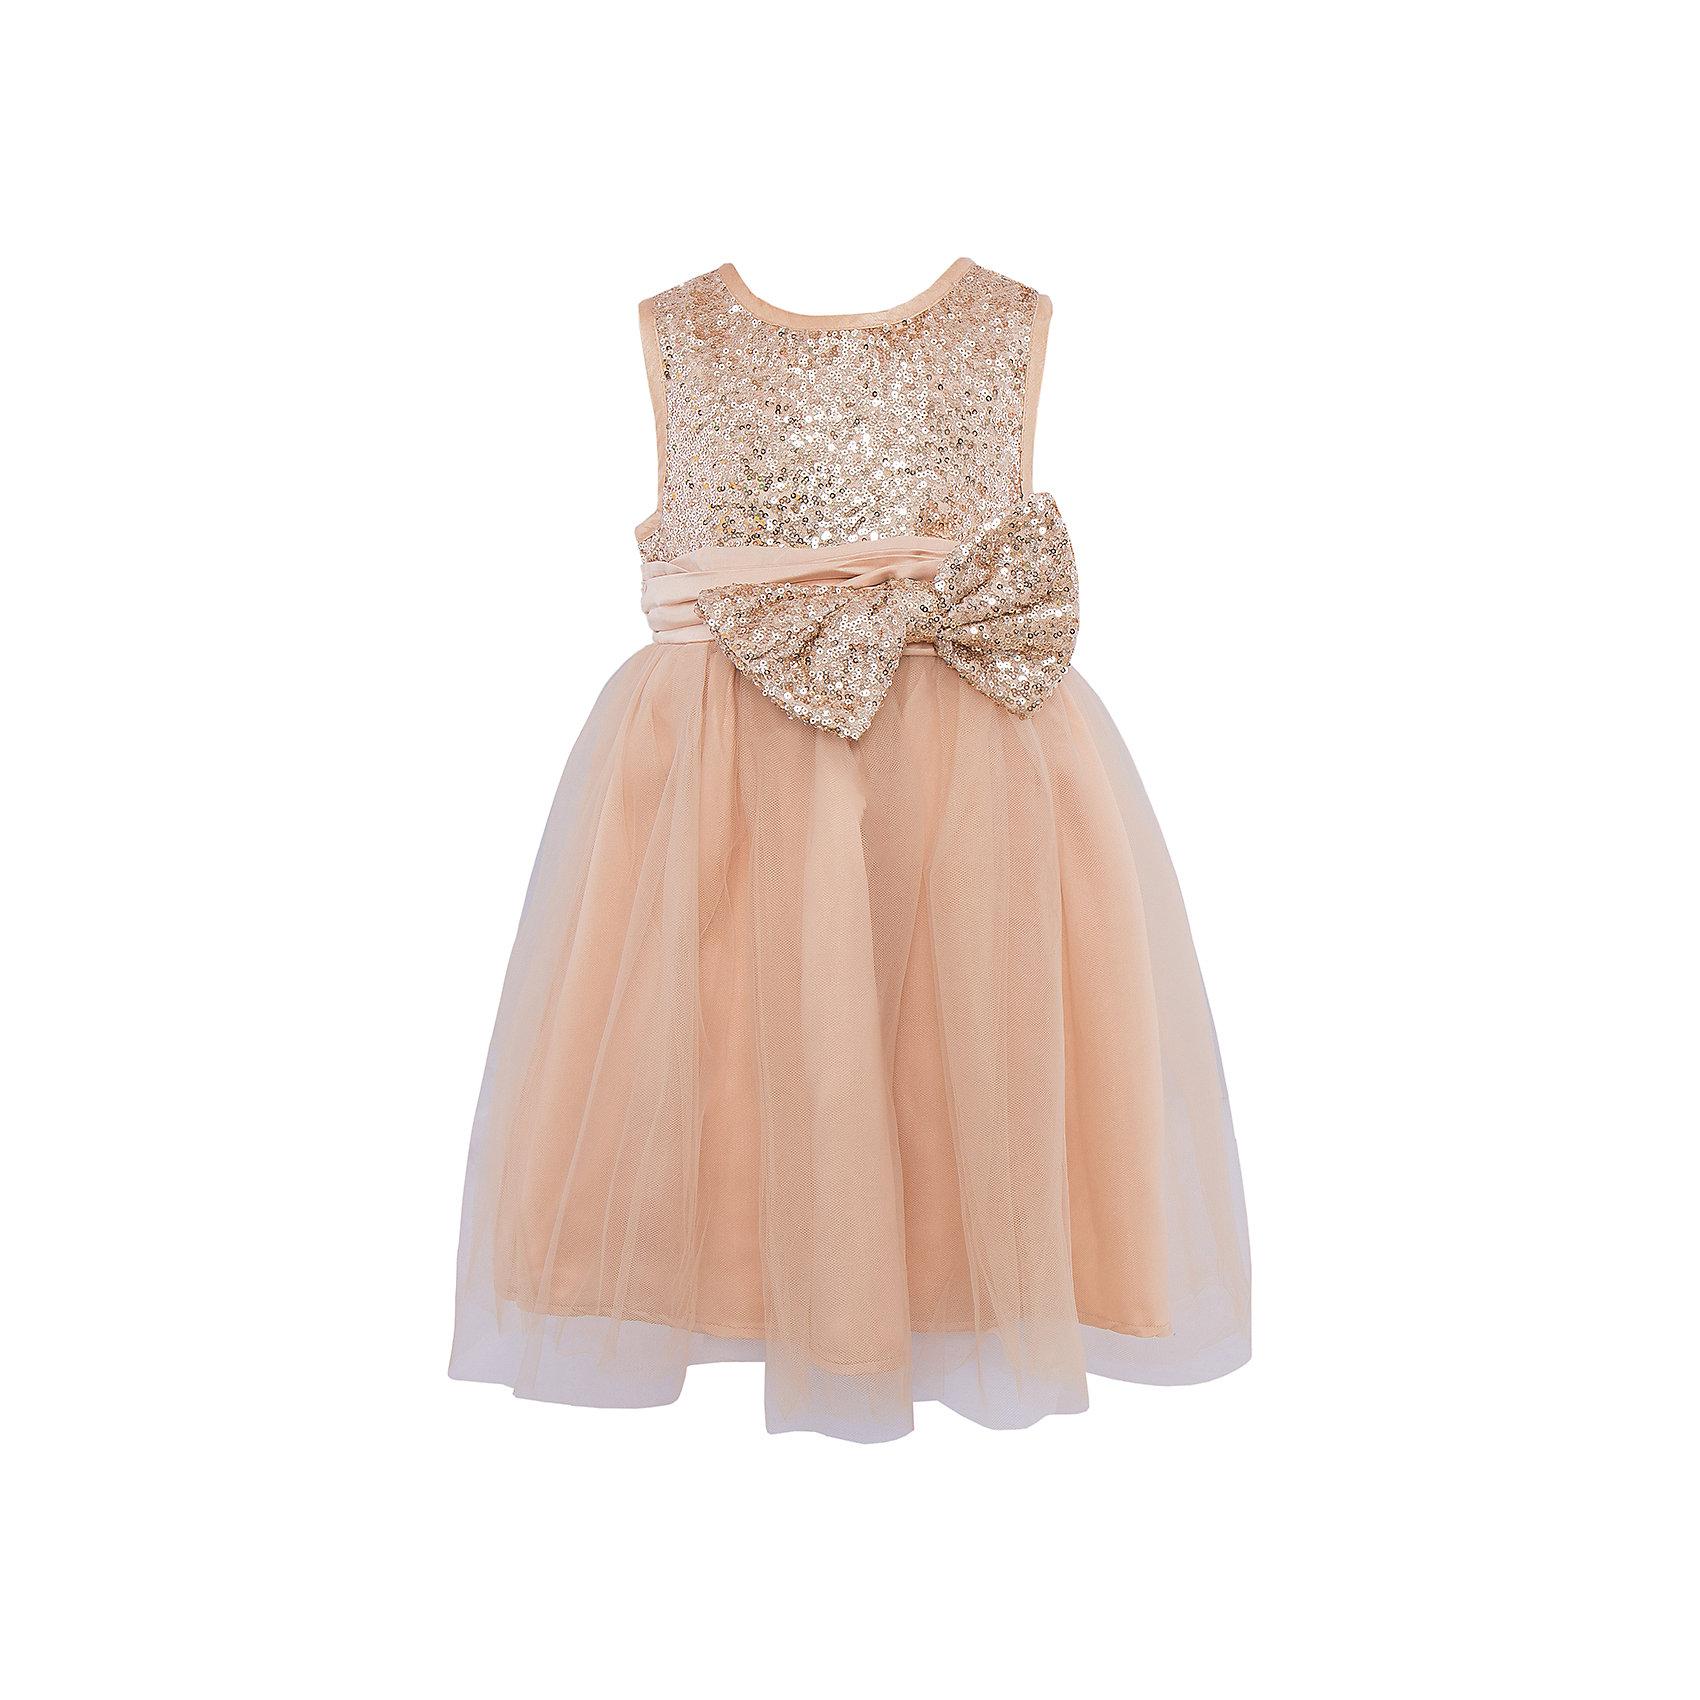 Нарядное платье Sweet BerryОдежда<br>Яркое золотистое платье для девочки торговой марки Sweet Berry станет отличным дополнением к гардеробу маленькой  модницы. Платье изготовлено из полиэстера на подкладке из натурального хлопка, оно мягкое и приятное на ощупь, не сковывает движения и позволяет коже дышать, не раздражает нежную и чувствительную кожу ребенка, обеспечивая  комфорт при носке. Платье с круглым вырезом горловины имеет слегка завышенную линию талии. Модель на спинке застегивается на молнию, что помогает с легкостью переодеть ребенка. Верхняя часть объемной многослойной юбки выполнена из мягкой микросетки.  Верх платья расшит пайетками по всей поверхности. На поясе изделие дополнено съемным бантом, который также украшен пайетками. Такое красивое и яркое платье идеально подойдет для праздничных мероприятий. В нем Ваша девочка будет чувствовать себя стильно и модно, и всегда будет в центре внимания!<br>Инструкция по уходу: бережная стирка в прохладной воде при максимальной температуре 30°С, не отбеливать, гладить при низкой температуре, химчистка запрещена, не сушить в центрифуге.<br><br> Дополнительная информация:<br><br>- комплектация: платье<br>- вид застежки: молния<br>- особенности платья: пышное <br>- цвет: золотистый <br>- материал верх: полиэстер 100% <br>- материал подкладки: хлопок: 100%<br>- назначение: Новый Год<br>- сезон: демисезон<br>- пол: девочки<br><br>Платье торговой марки Sweet Berry  можно купить в нашем интернет-магазине<br><br>Ширина мм: 236<br>Глубина мм: 16<br>Высота мм: 184<br>Вес г: 177<br>Цвет: золотой<br>Возраст от месяцев: 36<br>Возраст до месяцев: 48<br>Пол: Женский<br>Возраст: Детский<br>Размер: 104,110,116,122,128,98<br>SKU: 4927715